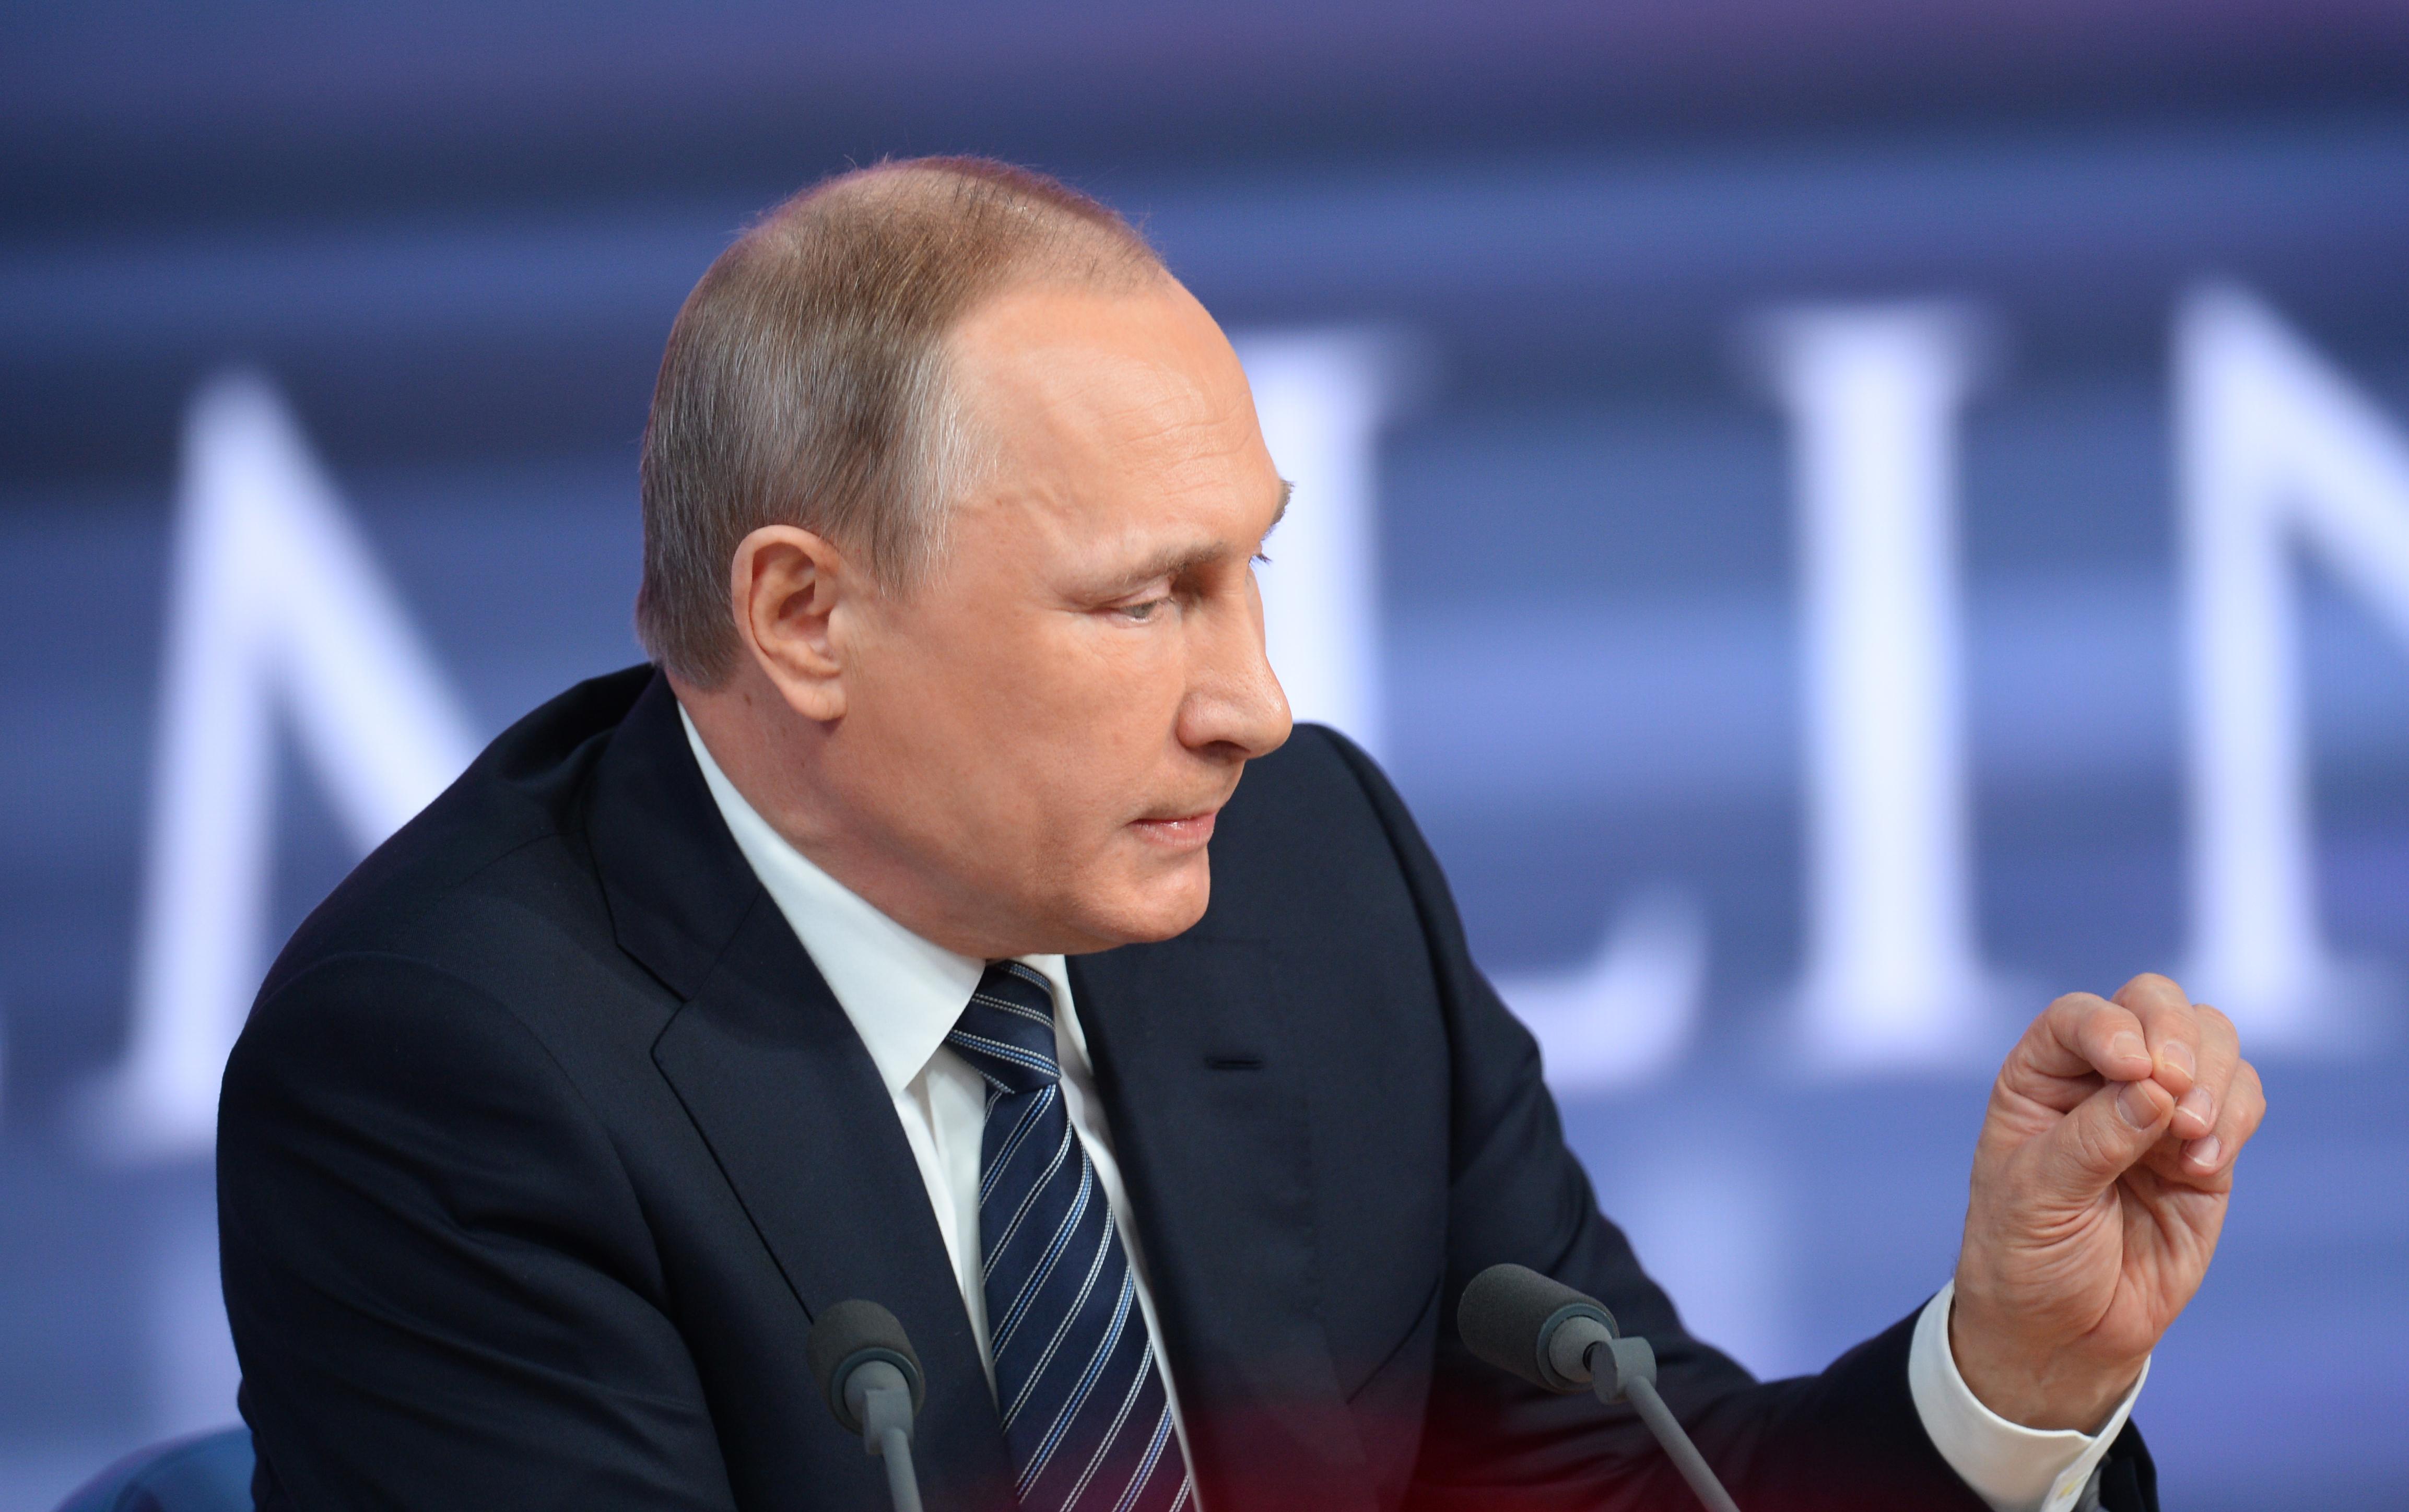 Az ukránok nem tudják visszafizetni az adósságukat az oroszoknak